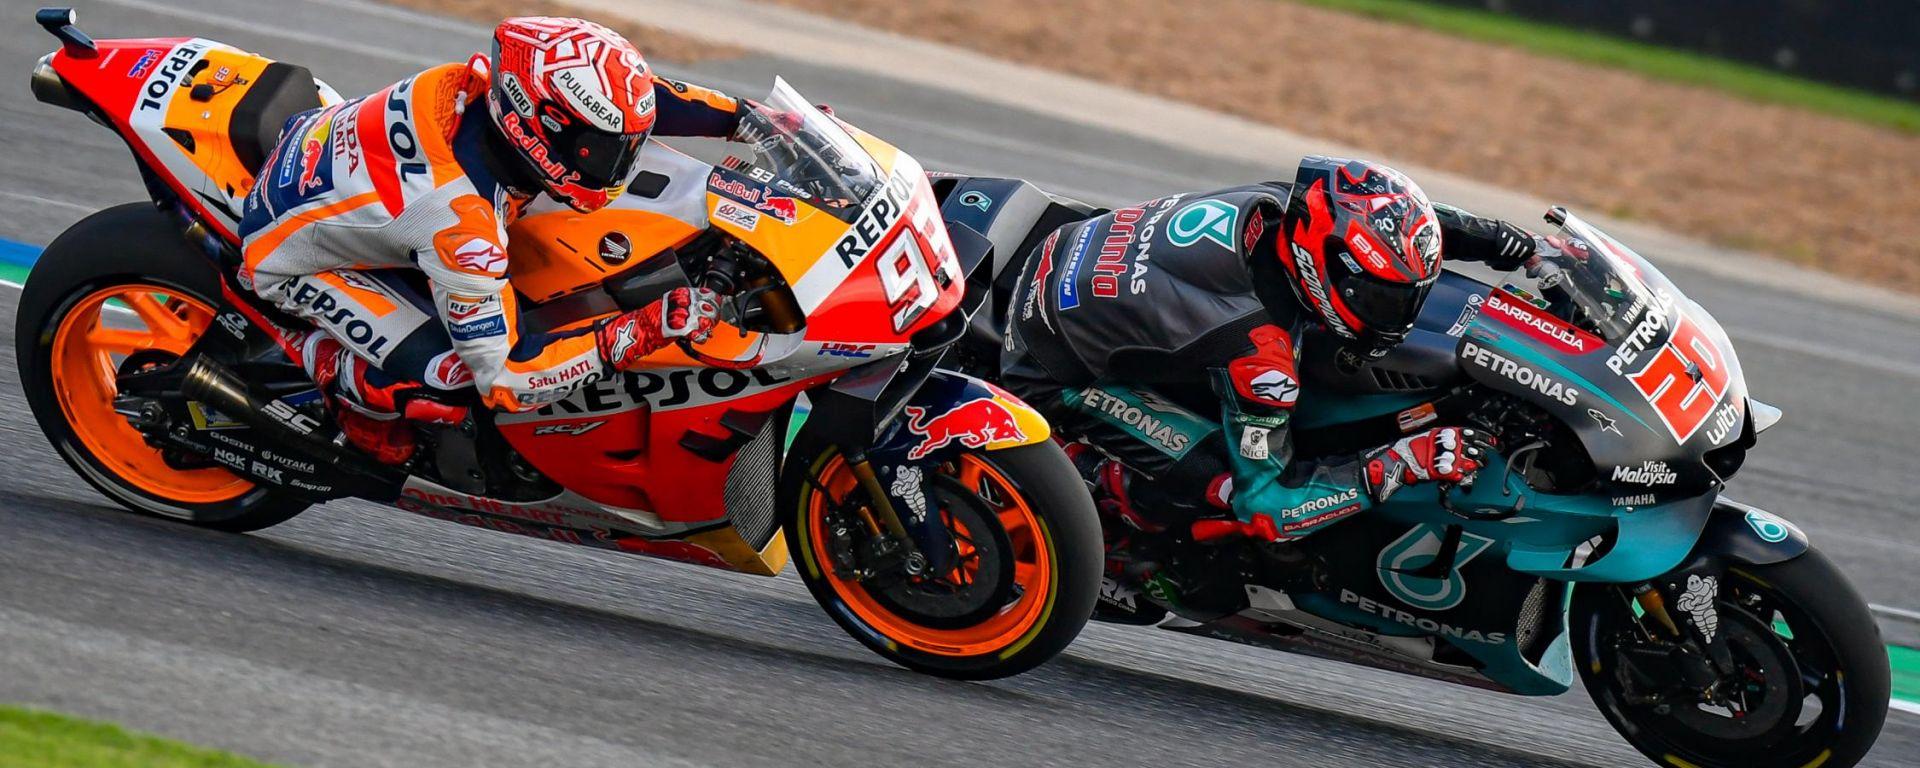 MotoGP Thailandia 2019, Buriram: Marc Marquez (Honda) e Fabio Quartararo (Yamaha)